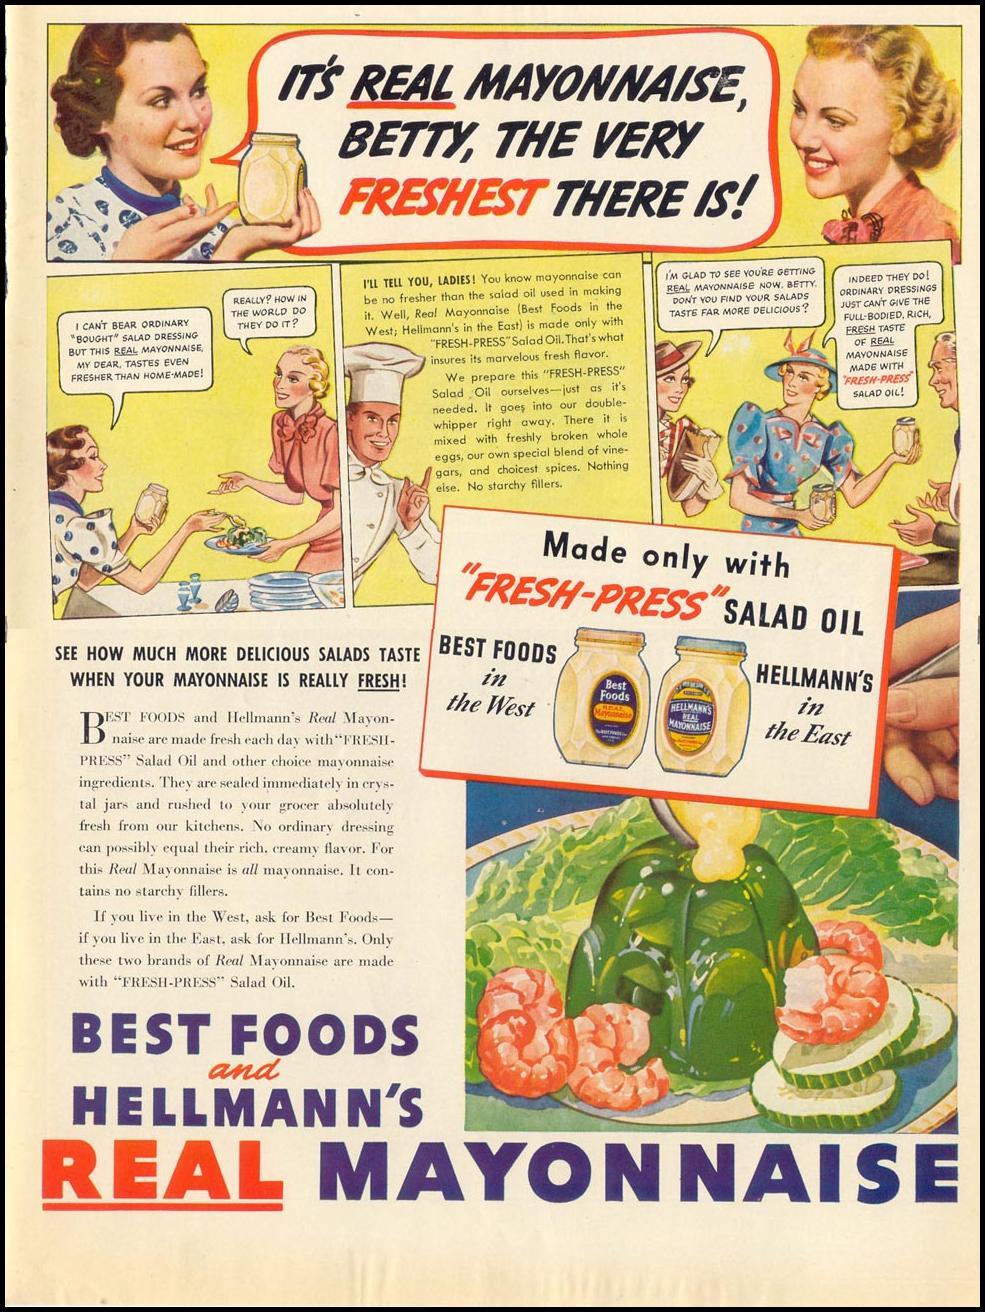 HELLMANN'S REAL MAYONNAISE LIFE 07/26/1937